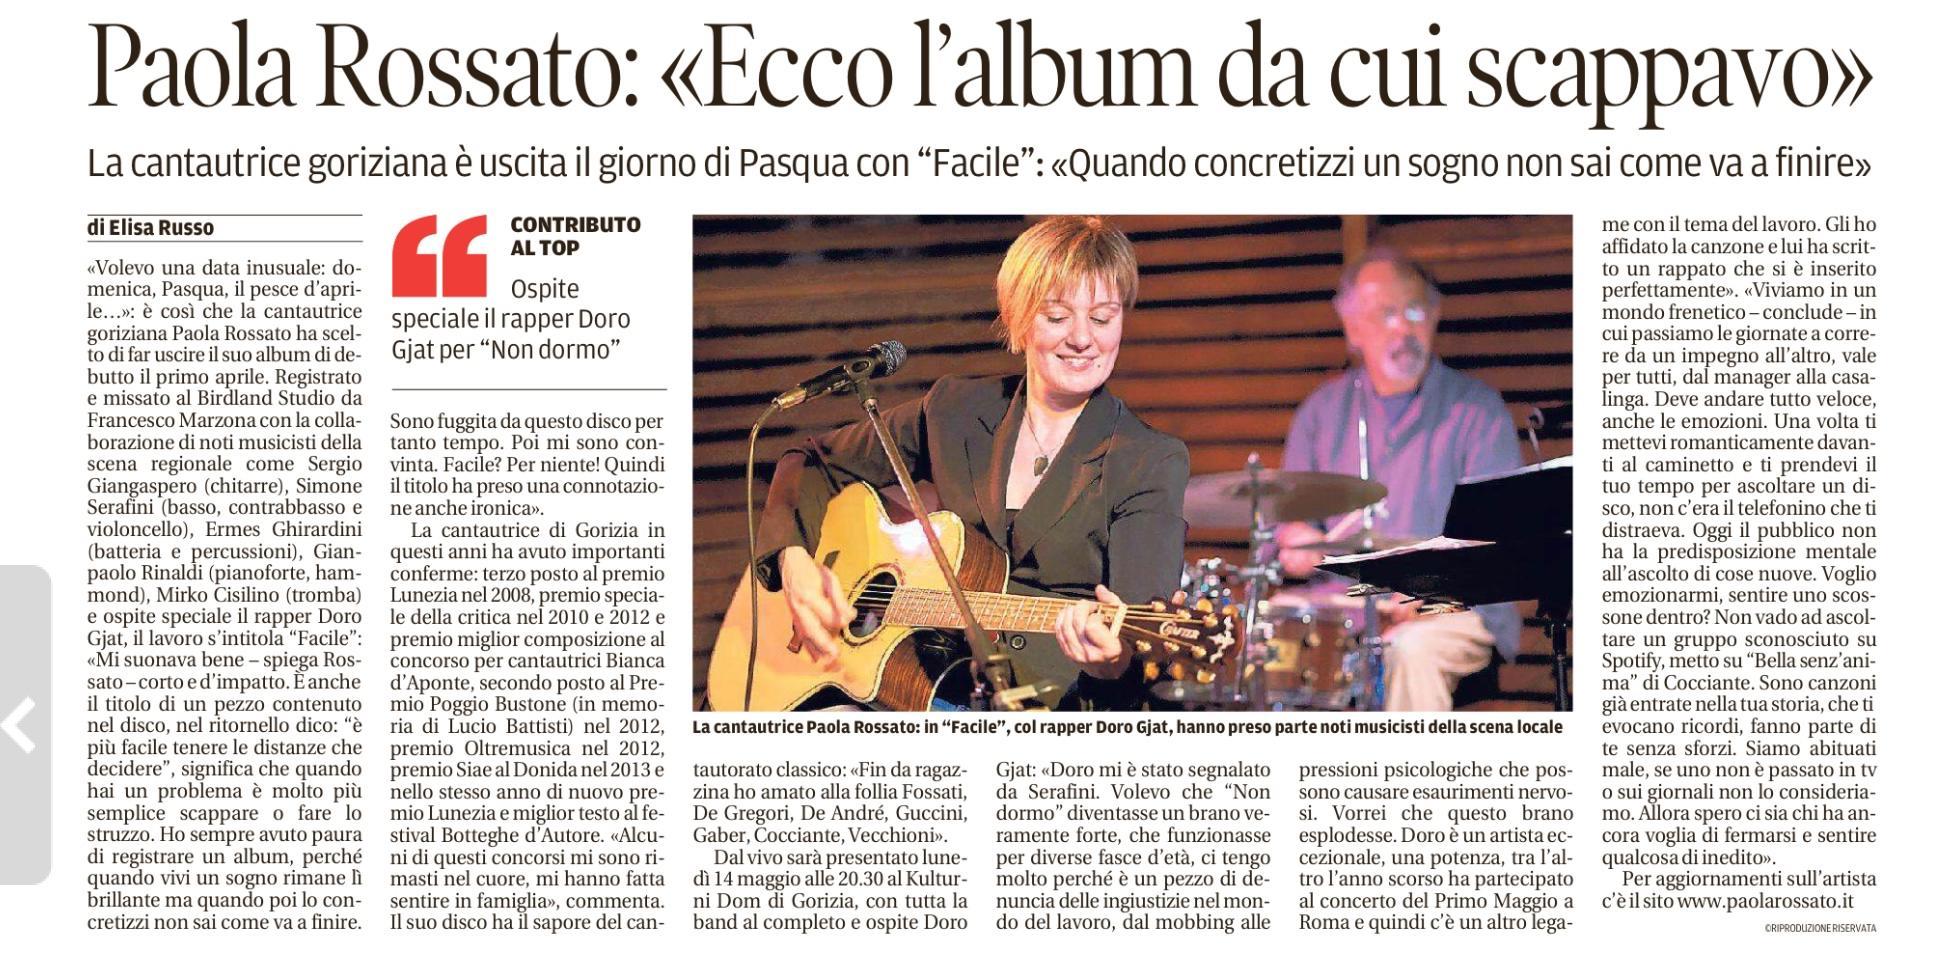 Paola Rossato - Ecco l'album da cui scappavo - Il Piccolo 04 aprile 2018